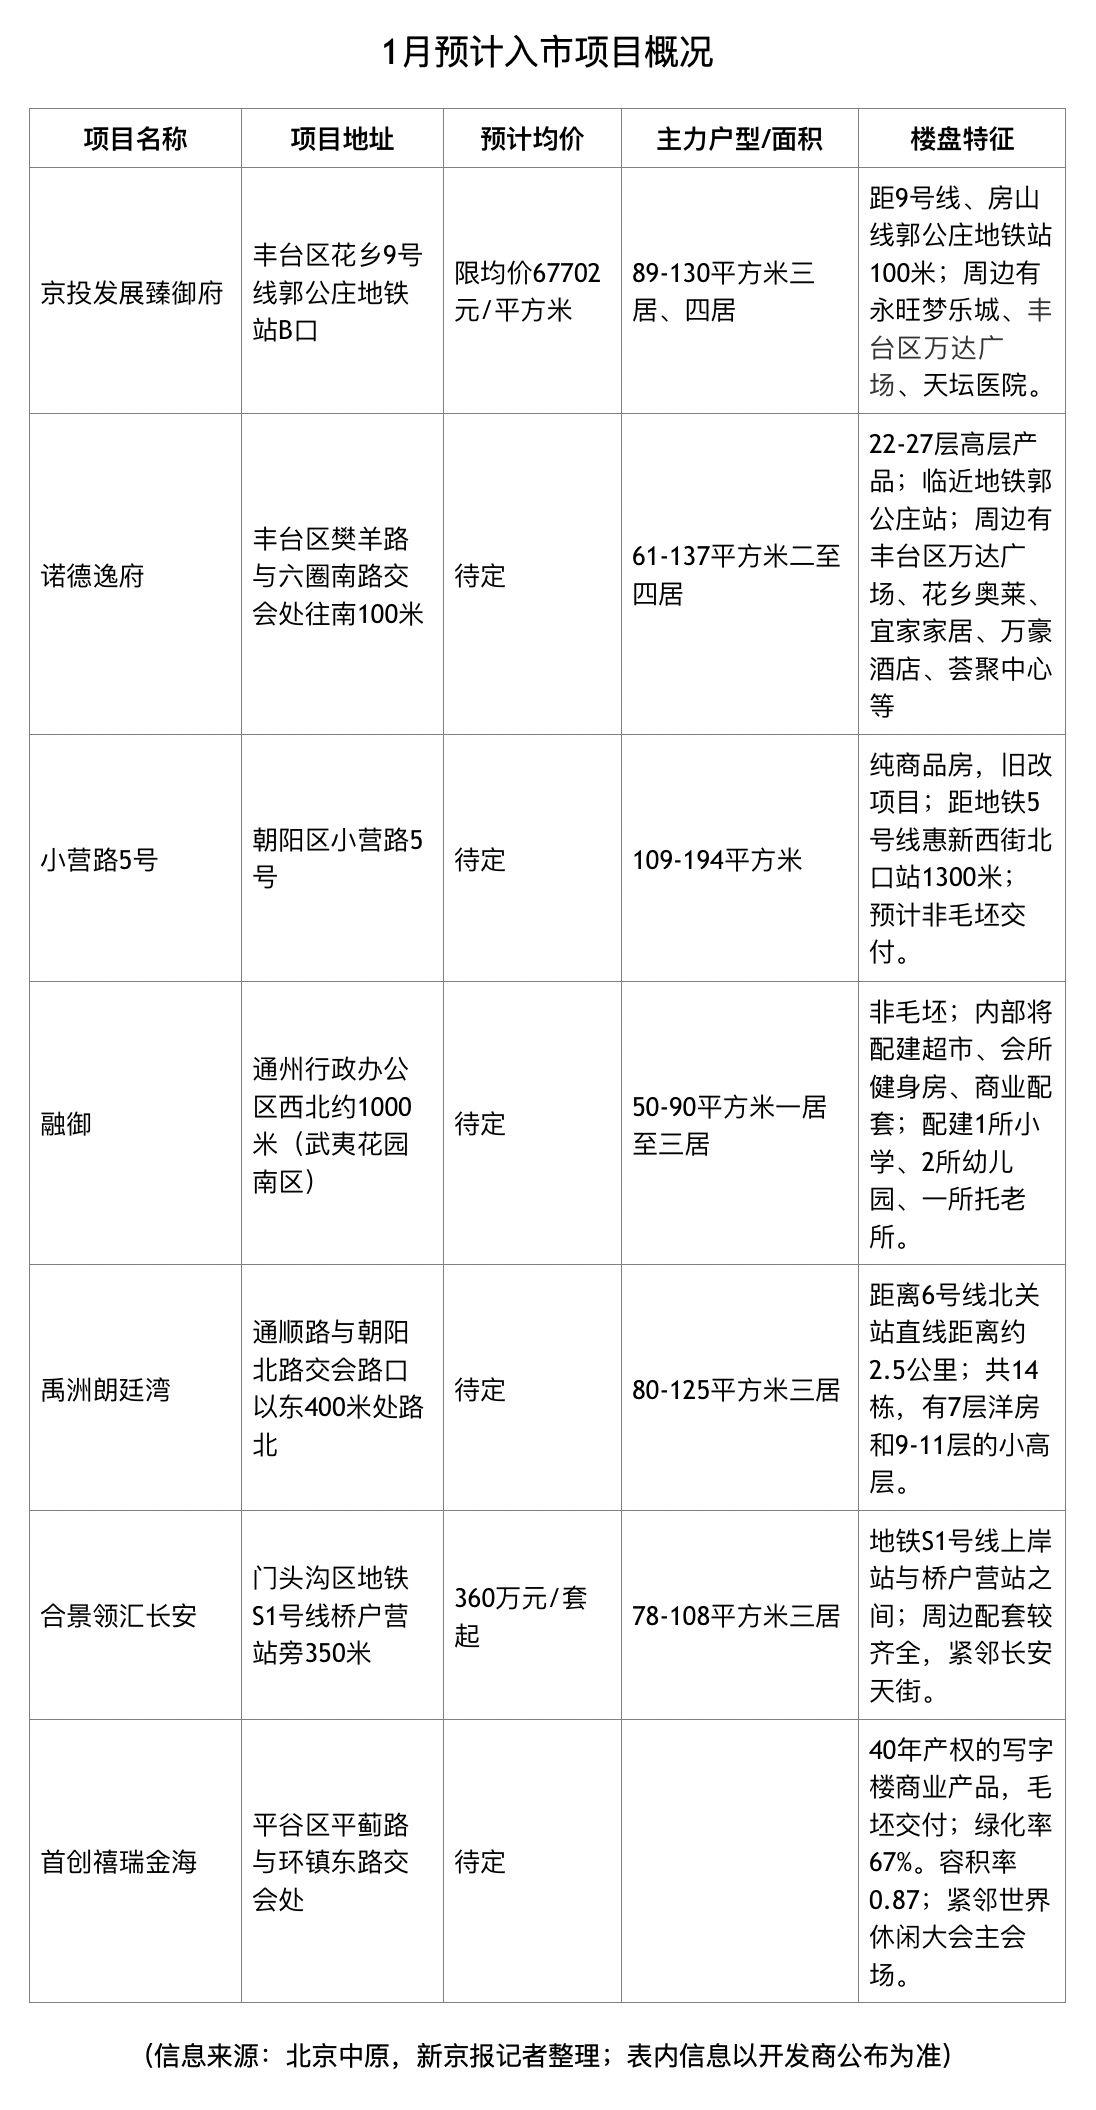 2020开年北京7个新盘预计入市 四环周边就有3个图片